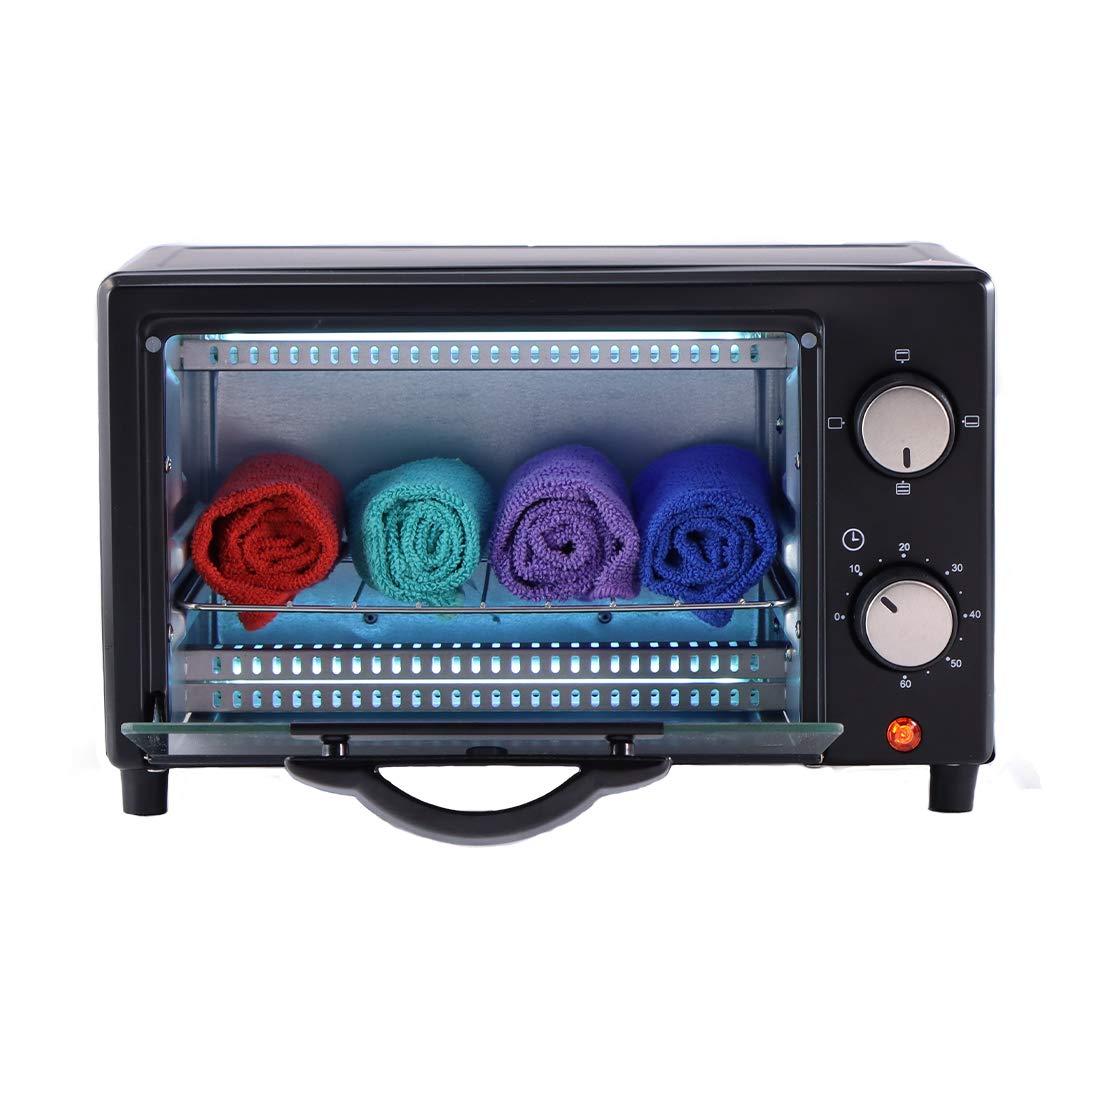 Wonderchef Health-Gear Prato Anti-Viral UVC Oven